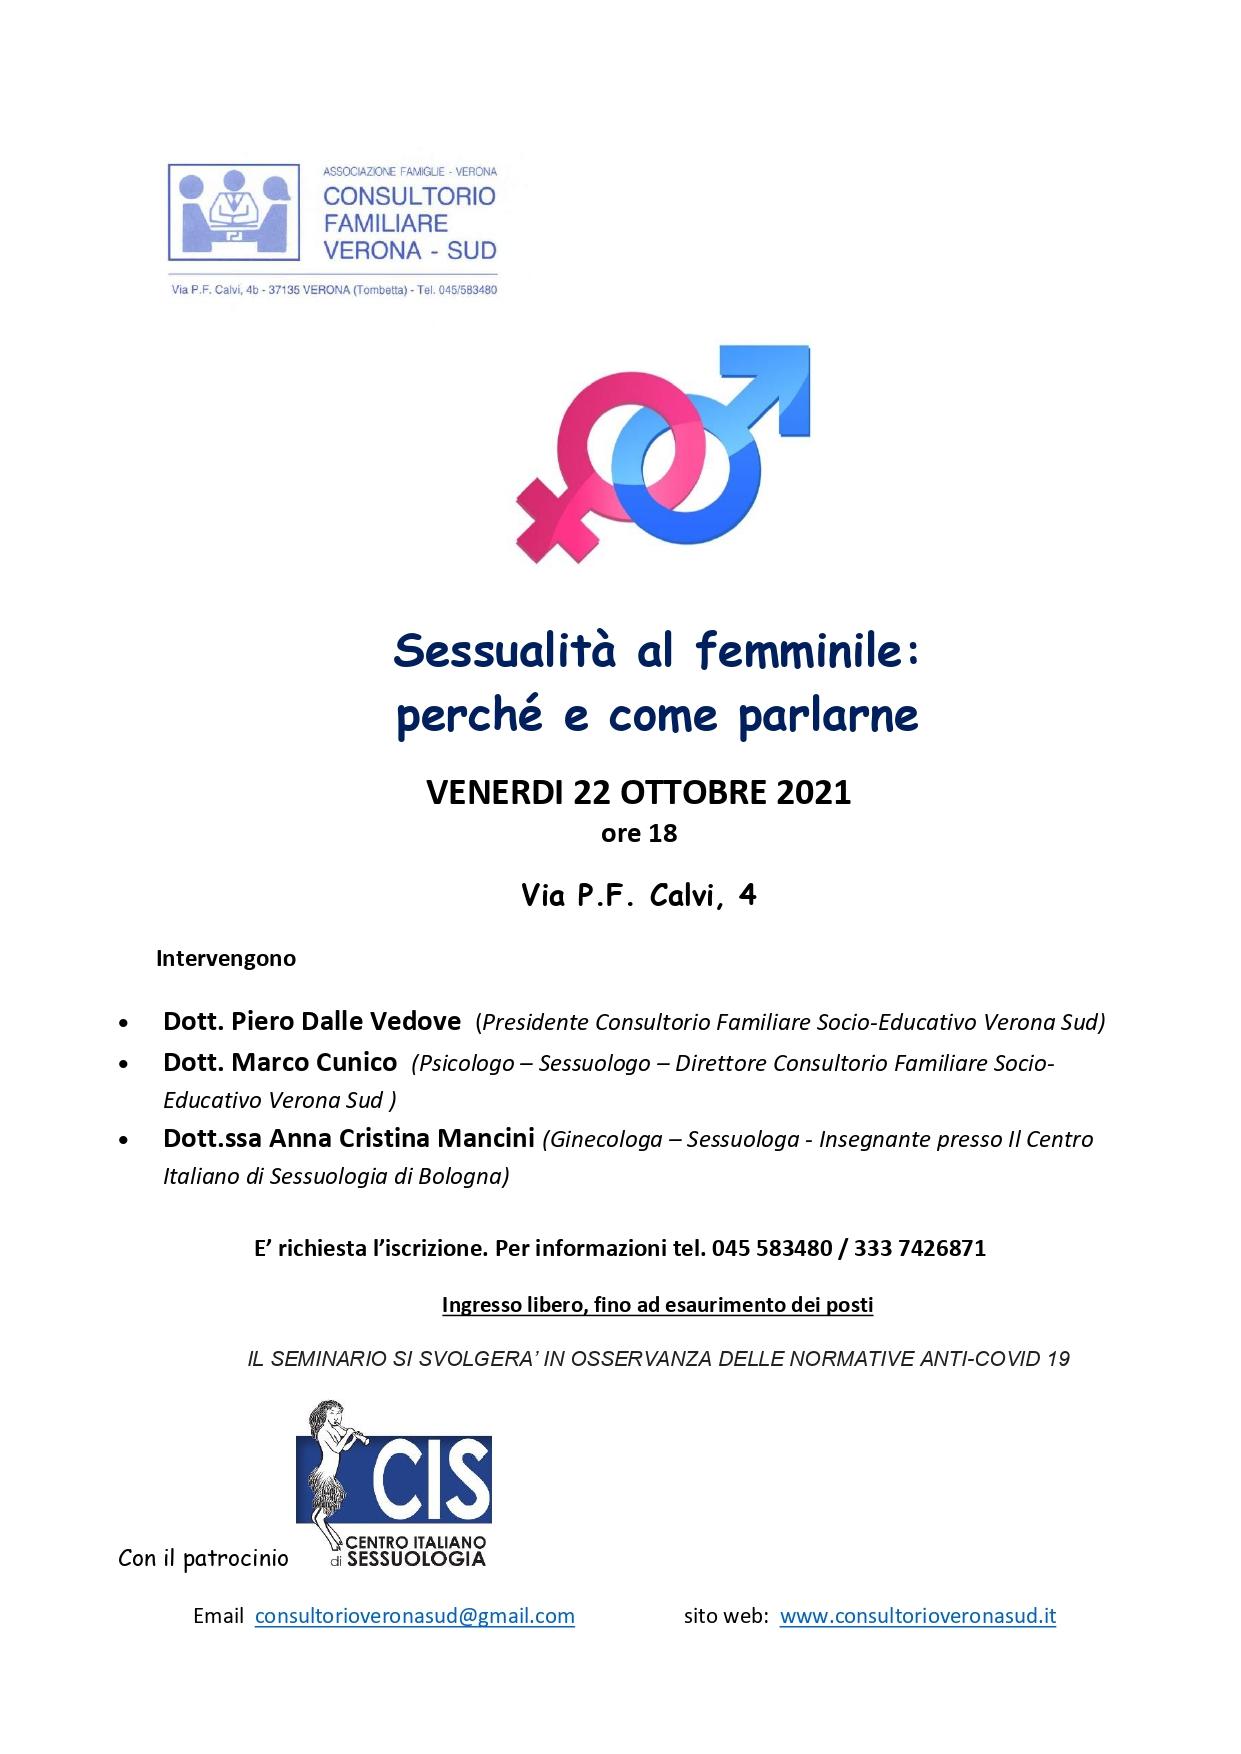 Sessualità al femminile: perché e come parlarne